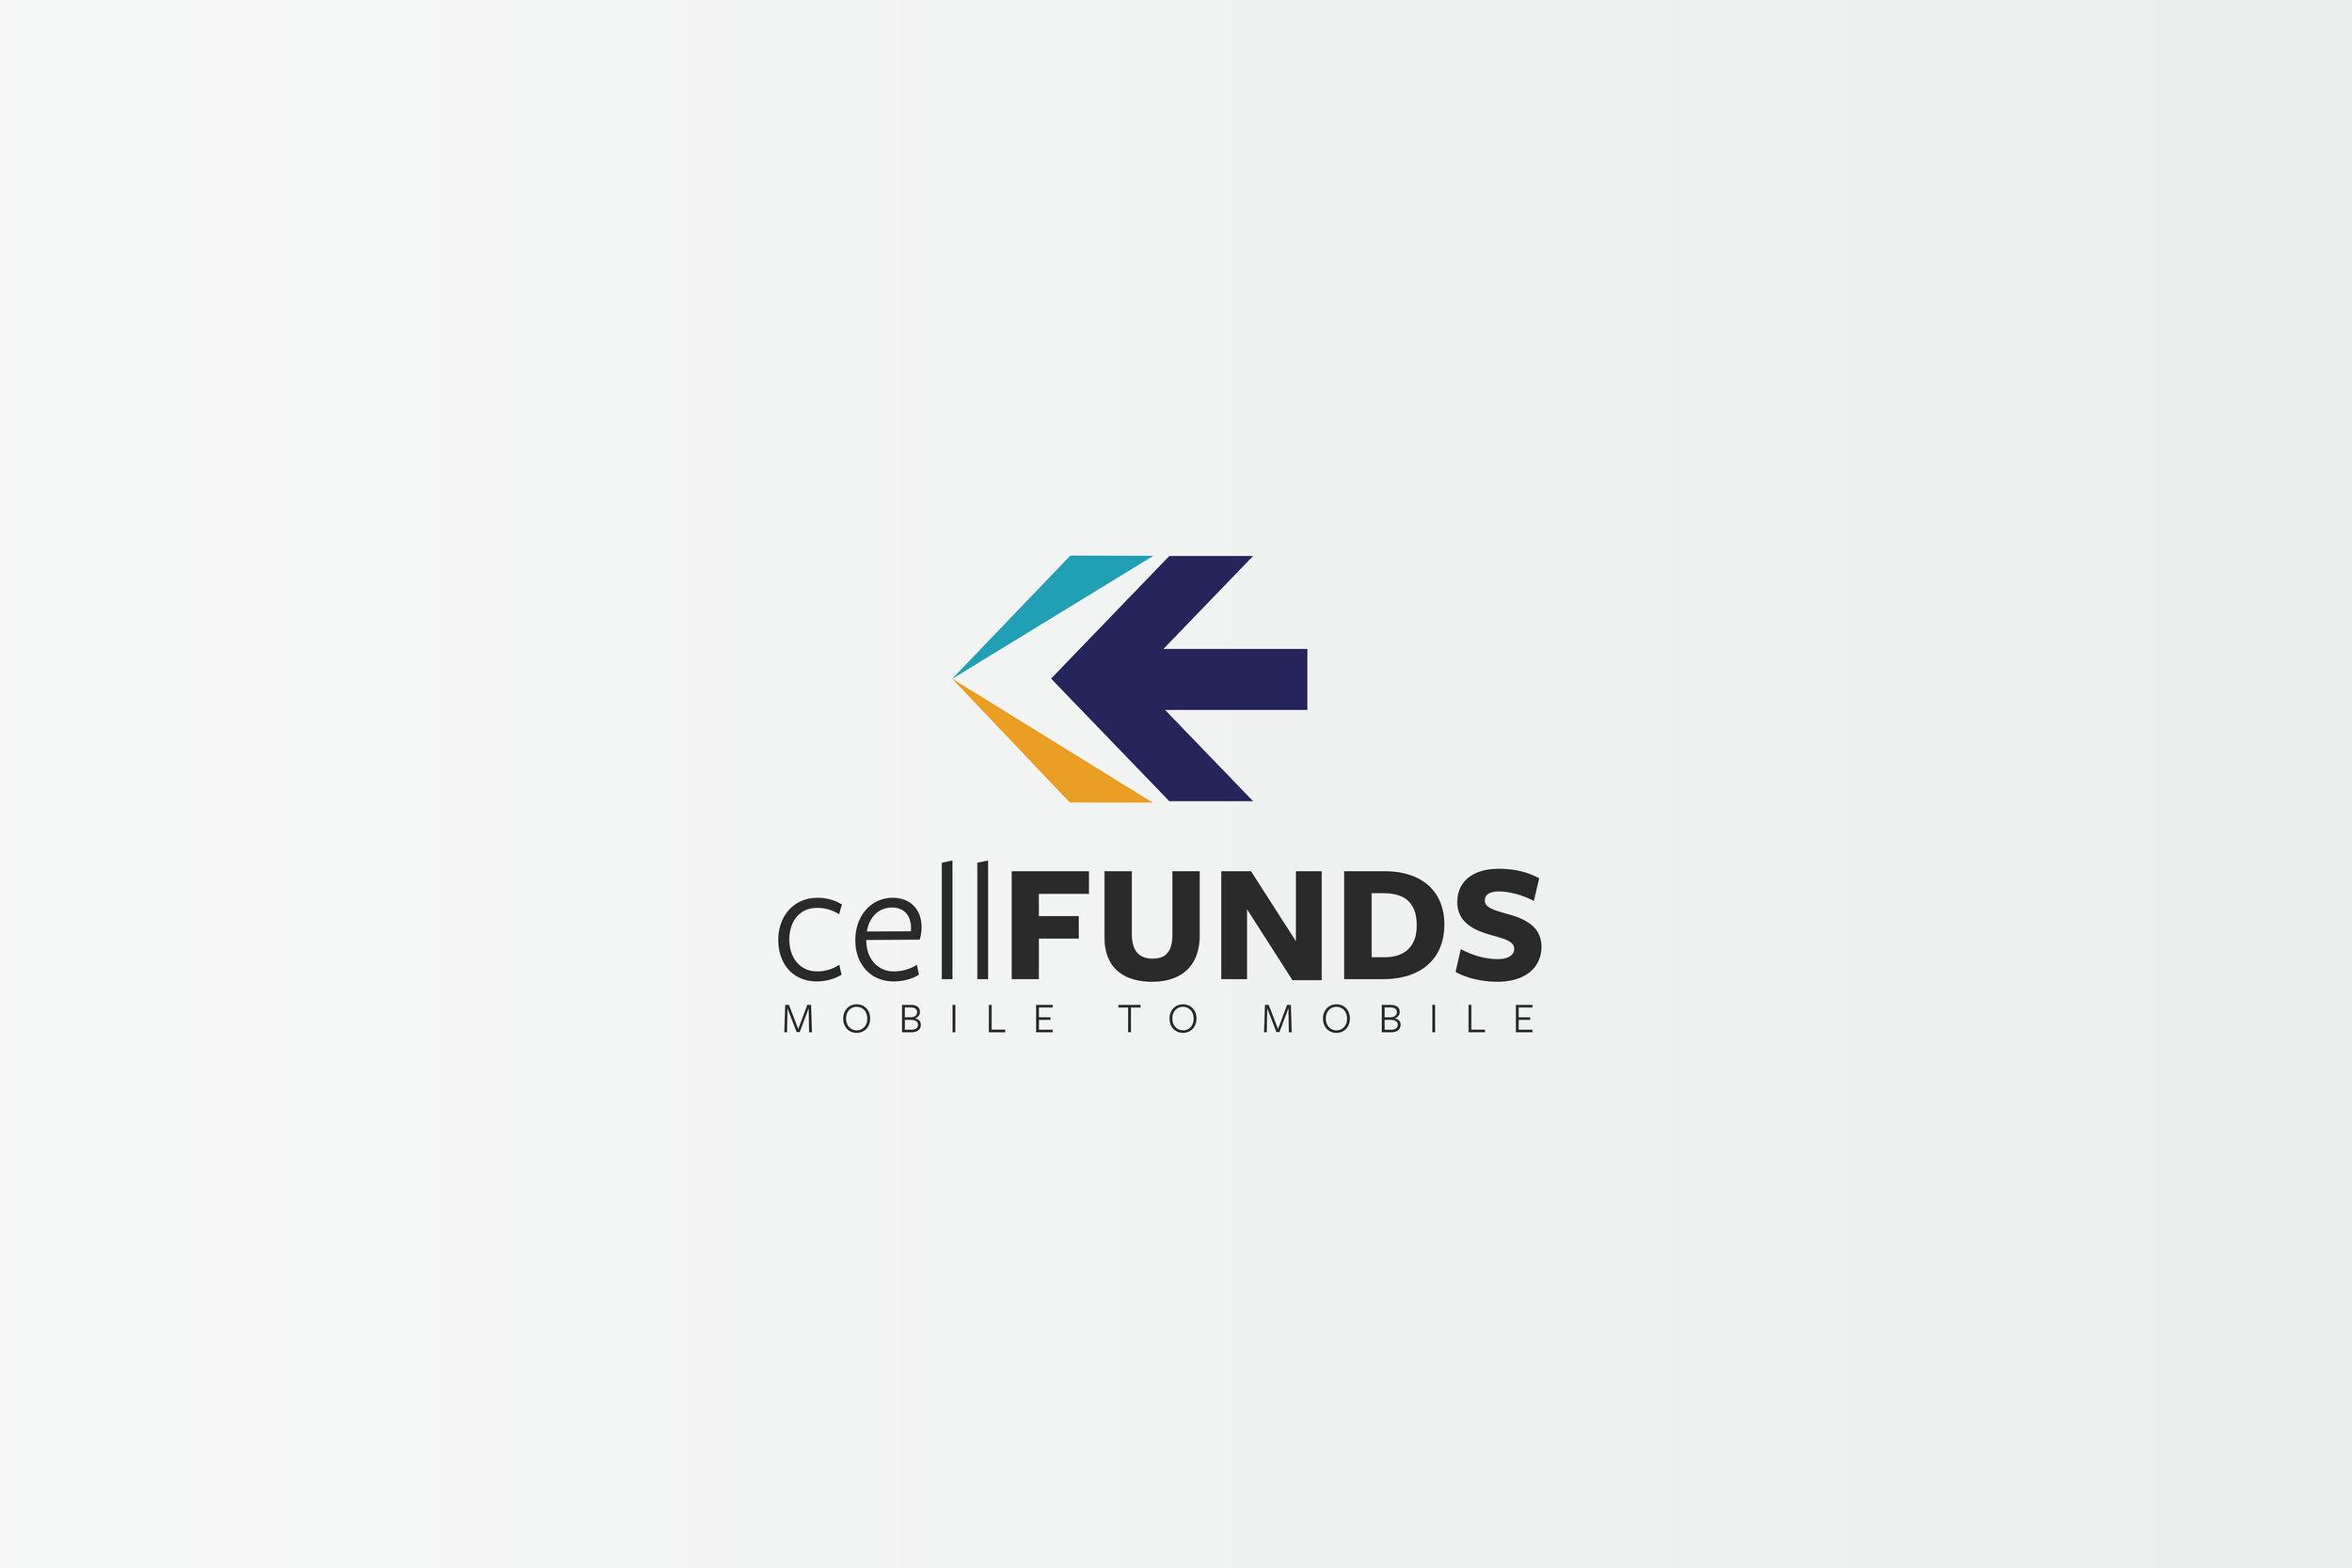 CellFunds_Logo.jpg